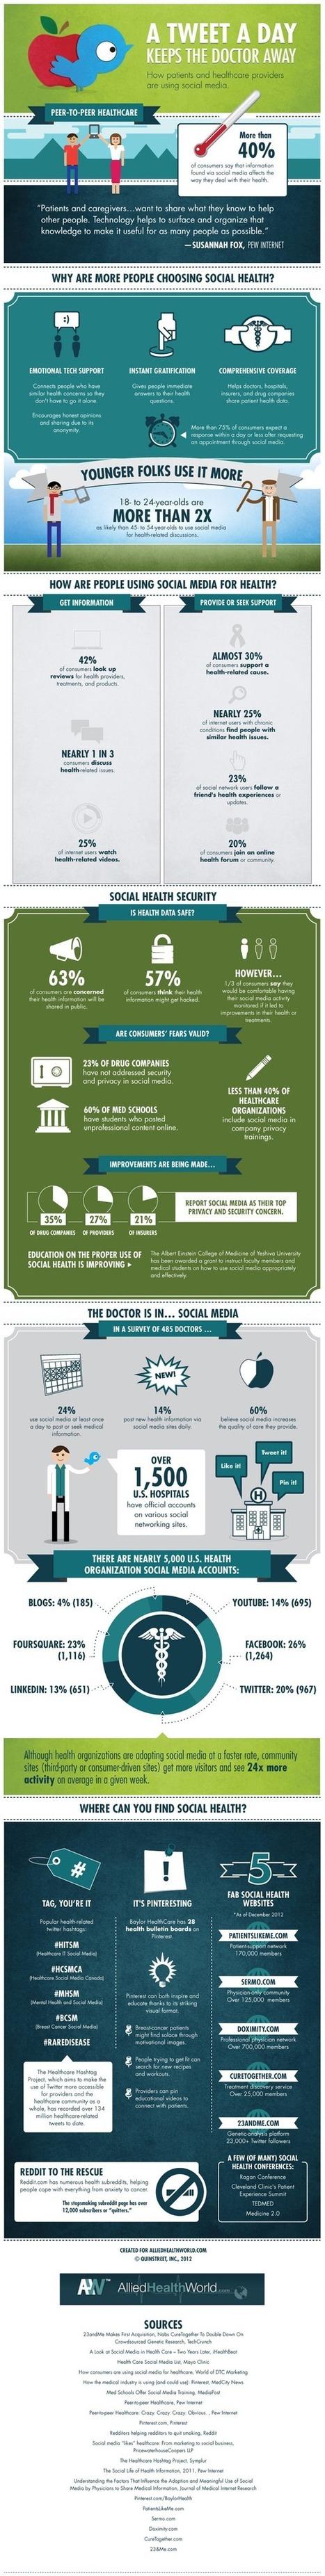 #Infografia: Como los pacientes y los médicos usan Social Media | eSalud Social Media | Scoop.it